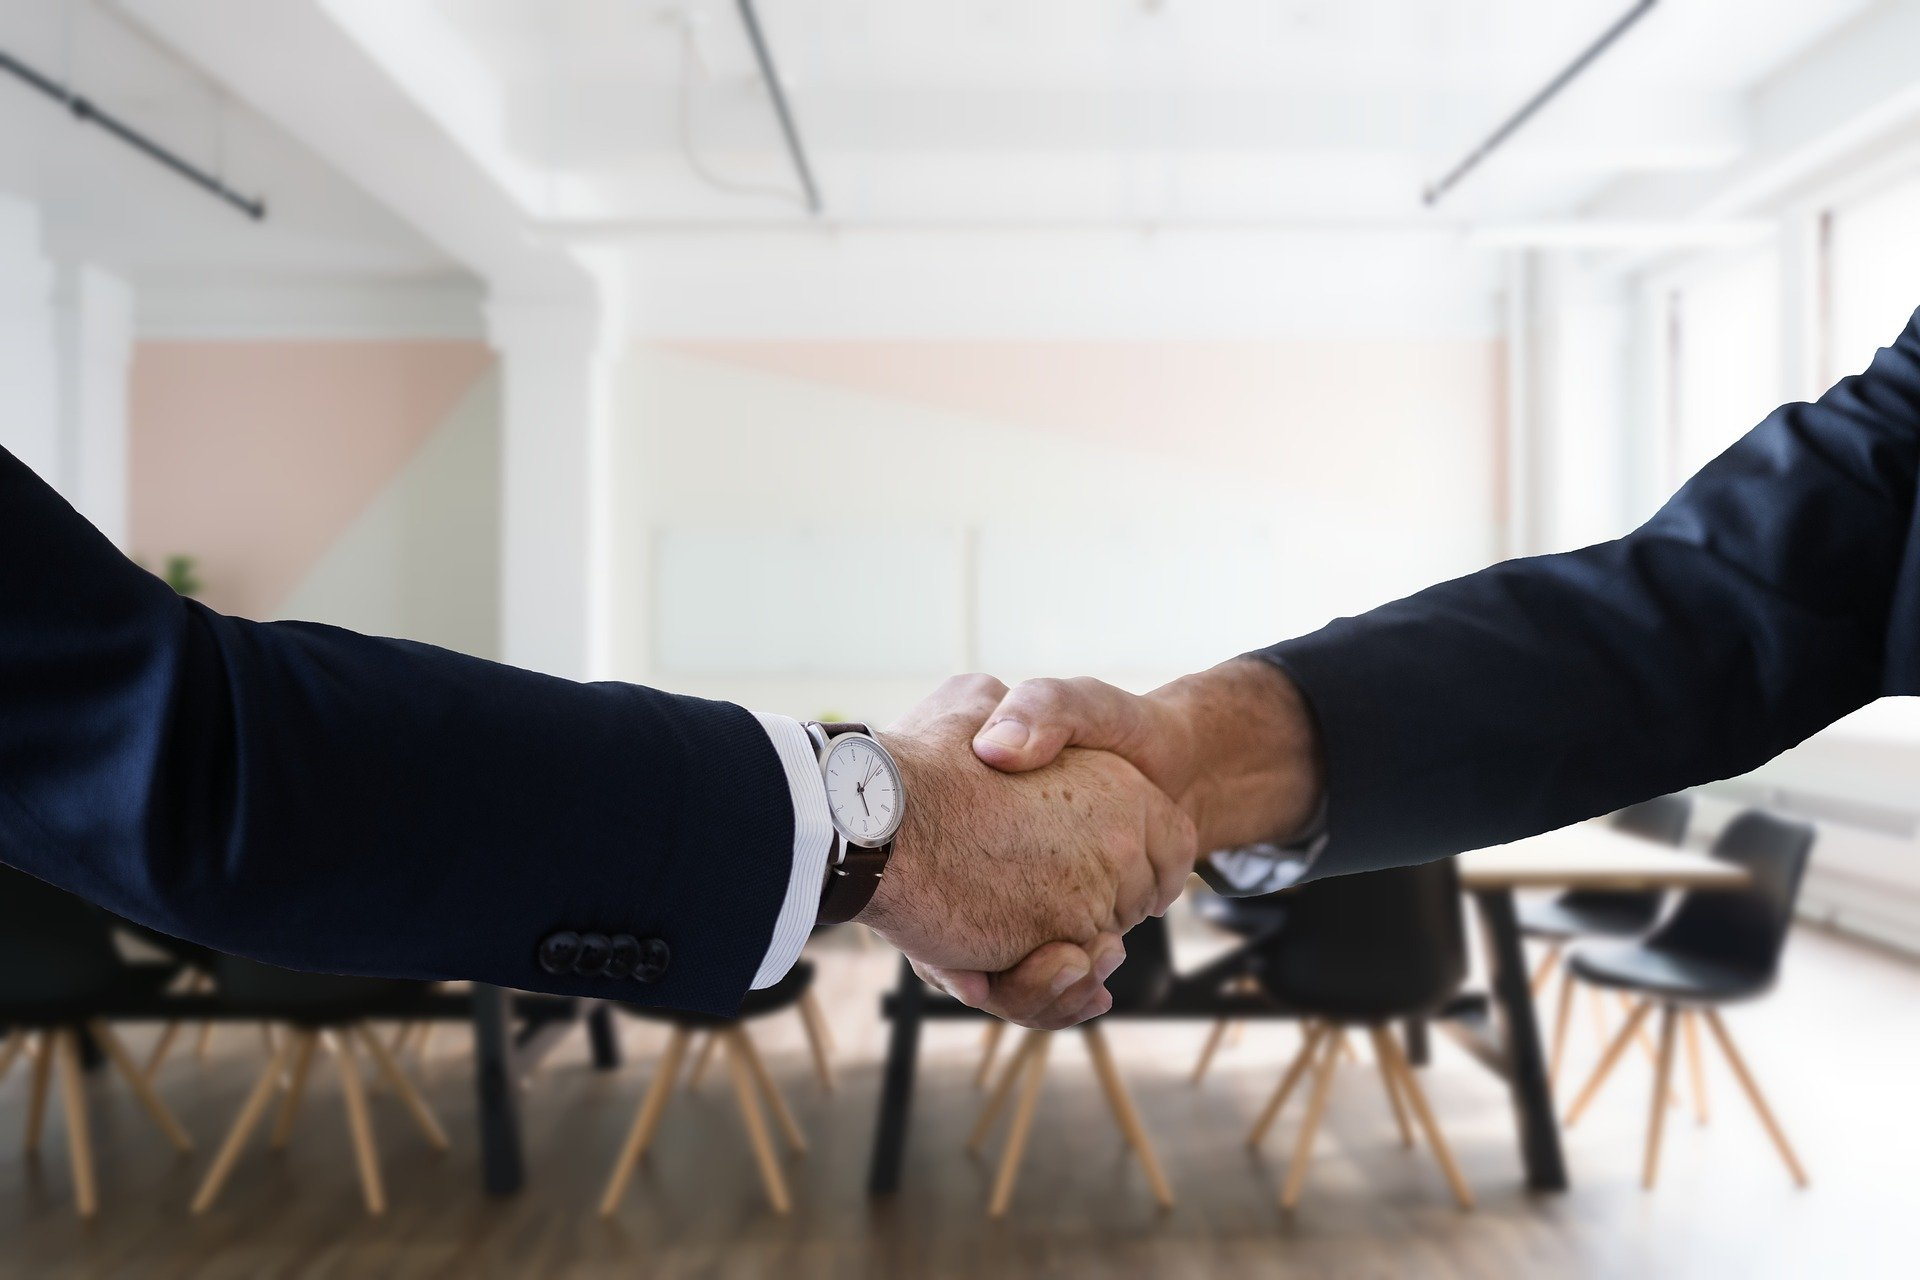 4 consejos para preparar tu entrevista de trabajo ganadora - GUÍA GRATUITA PASO A PASO